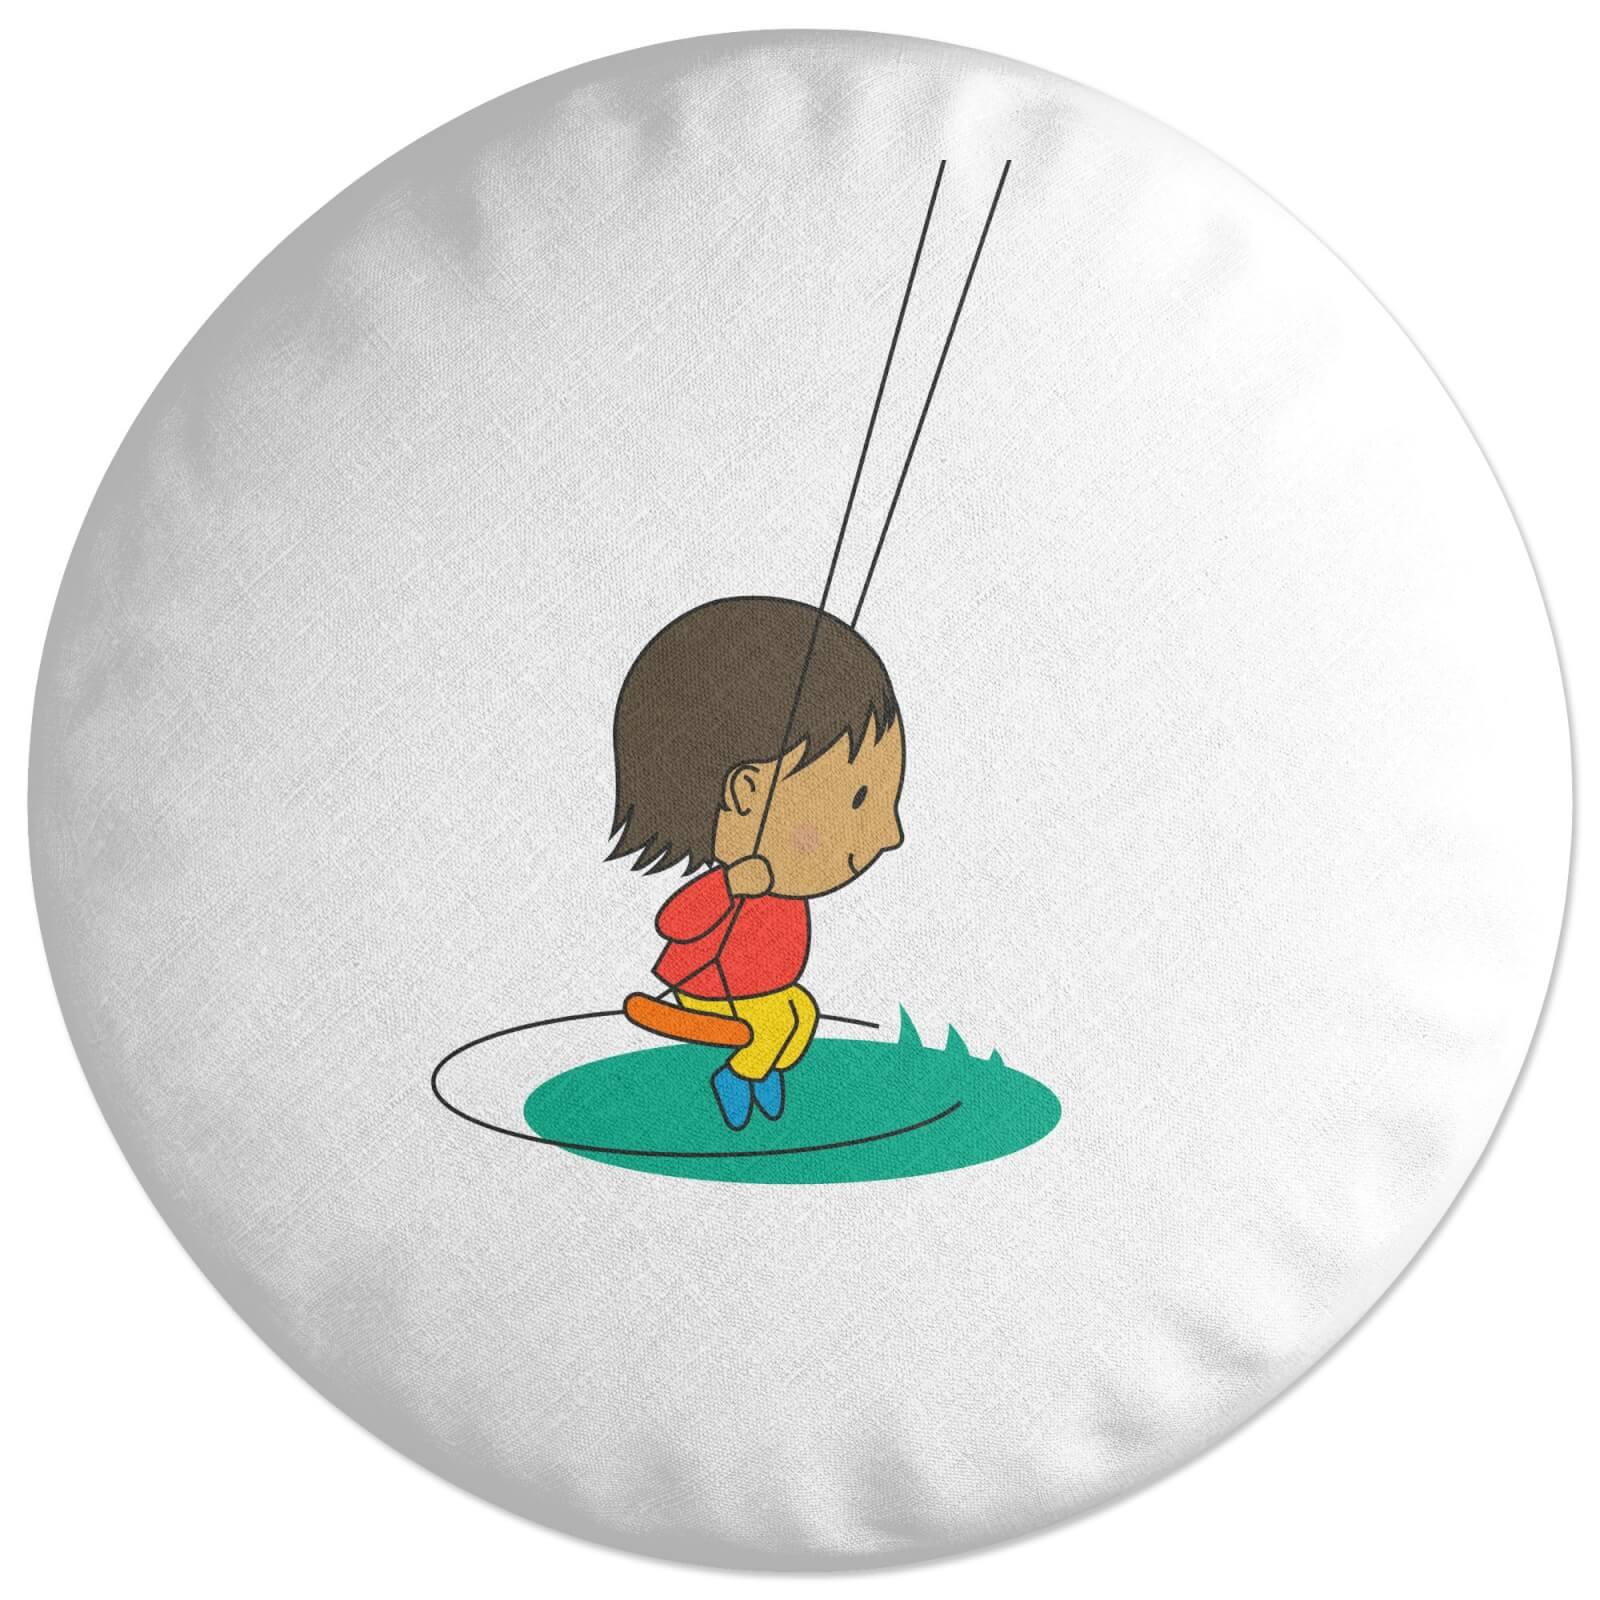 Swing Boy Round Cushion